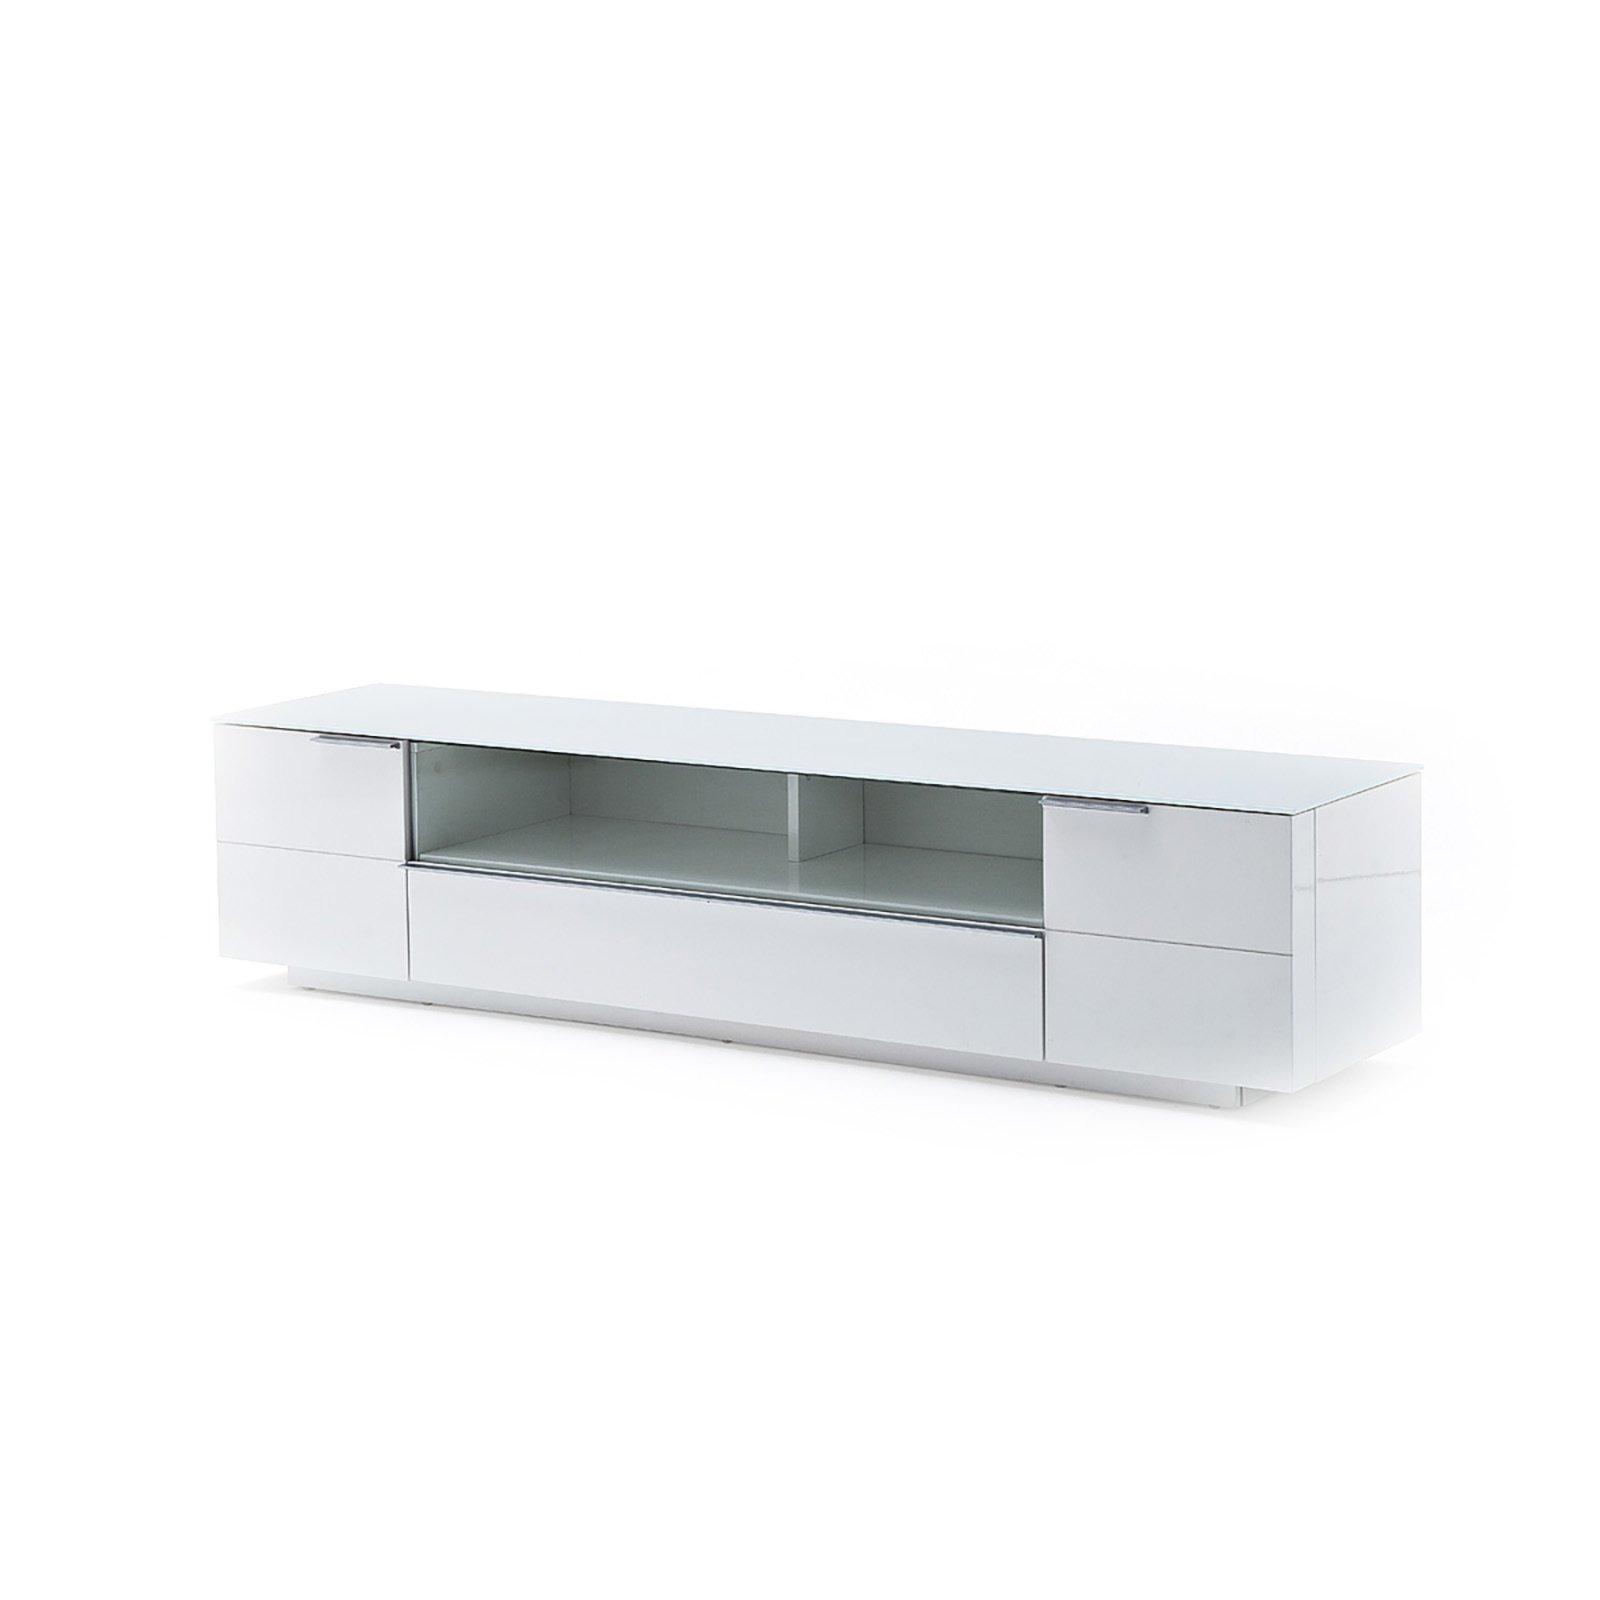 tv lowboard canberra wei hochglanz tv lowboards b nke tv hifi m bel m bel. Black Bedroom Furniture Sets. Home Design Ideas